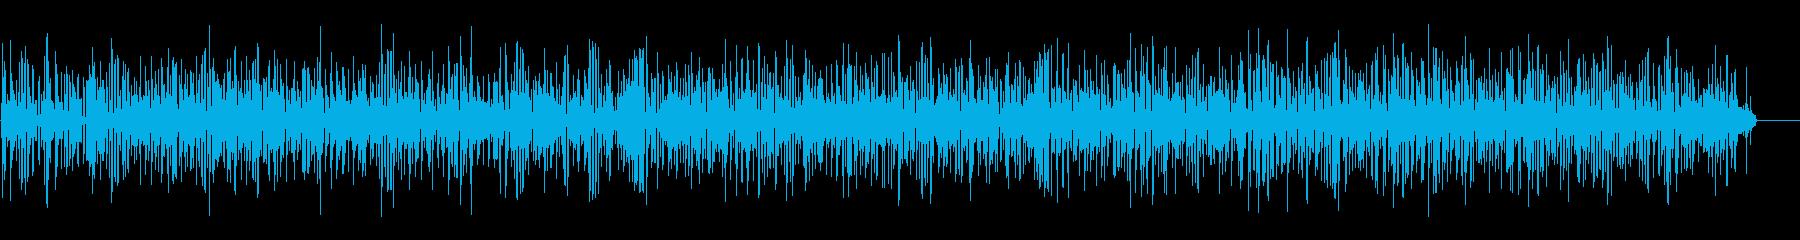 おしゃれカフェ風のアコーディオンジャズの再生済みの波形